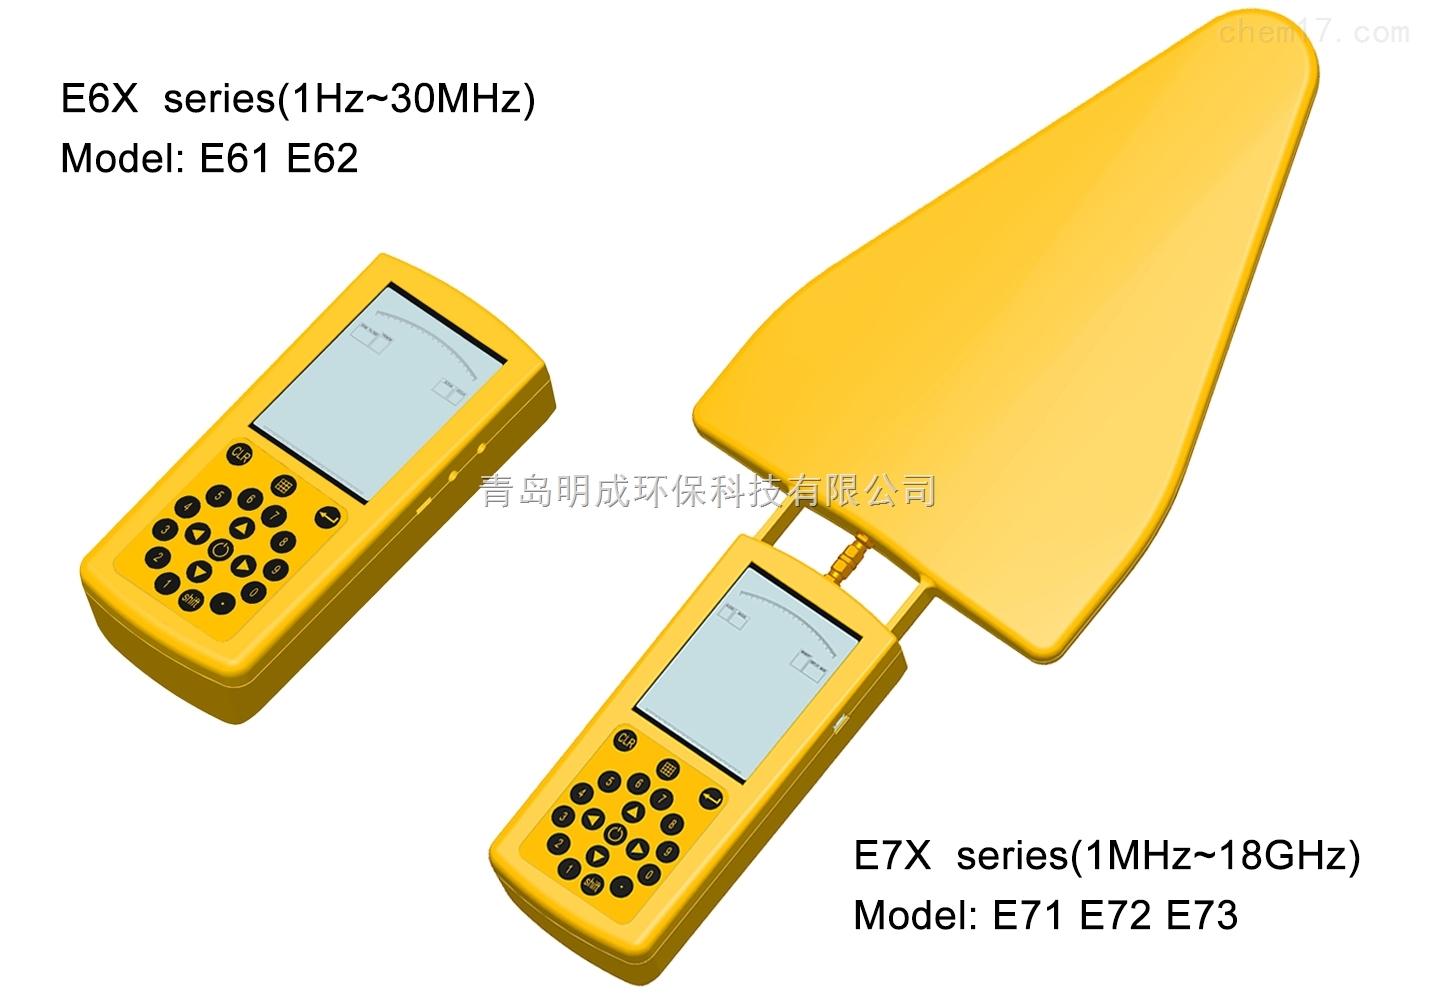 德柯雷E6X E7X系列 电磁场强度频谱分析仪